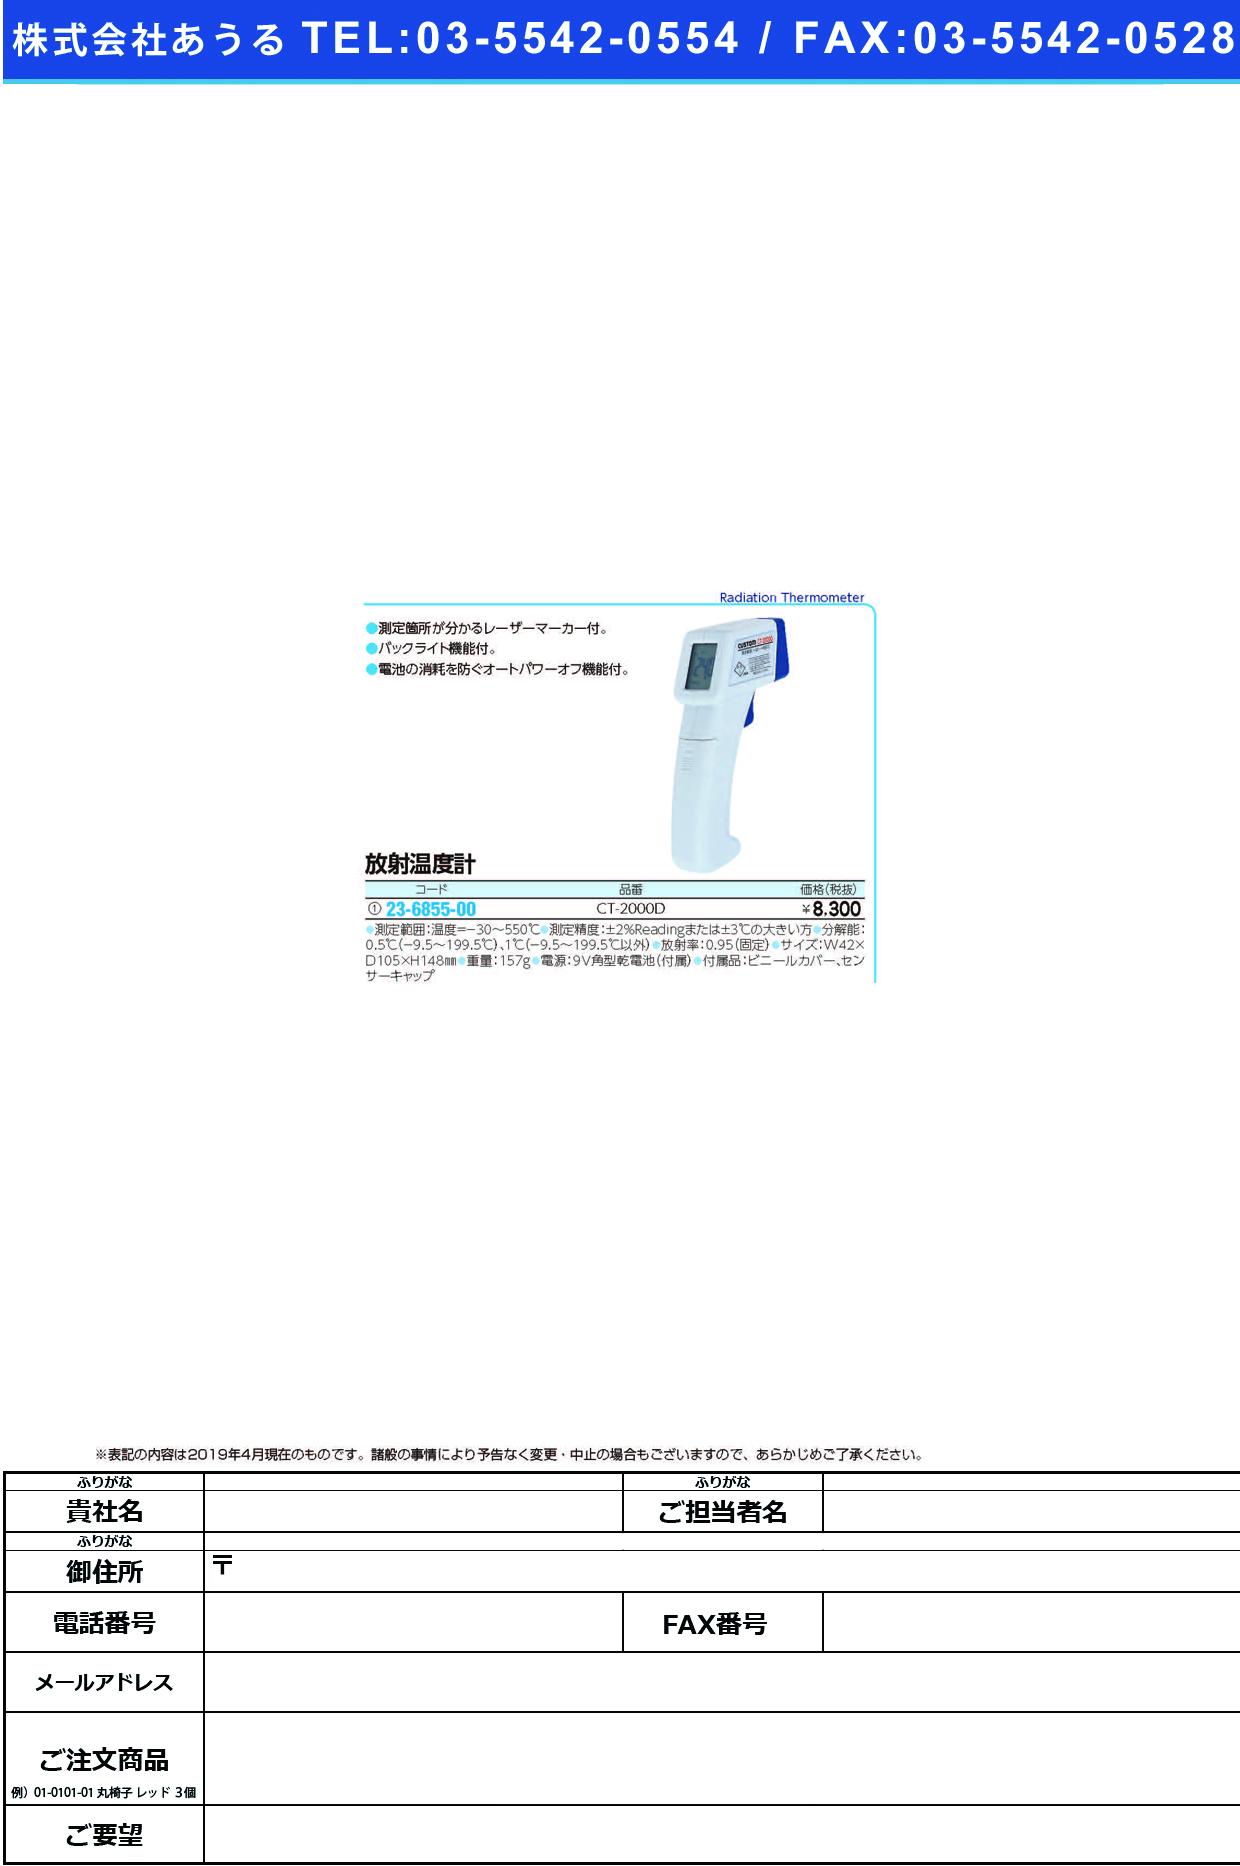 (23-6855-00)放射温度計 CT-2000D ホウシャオンドケイ【1台単位】【2019年カタログ商品】